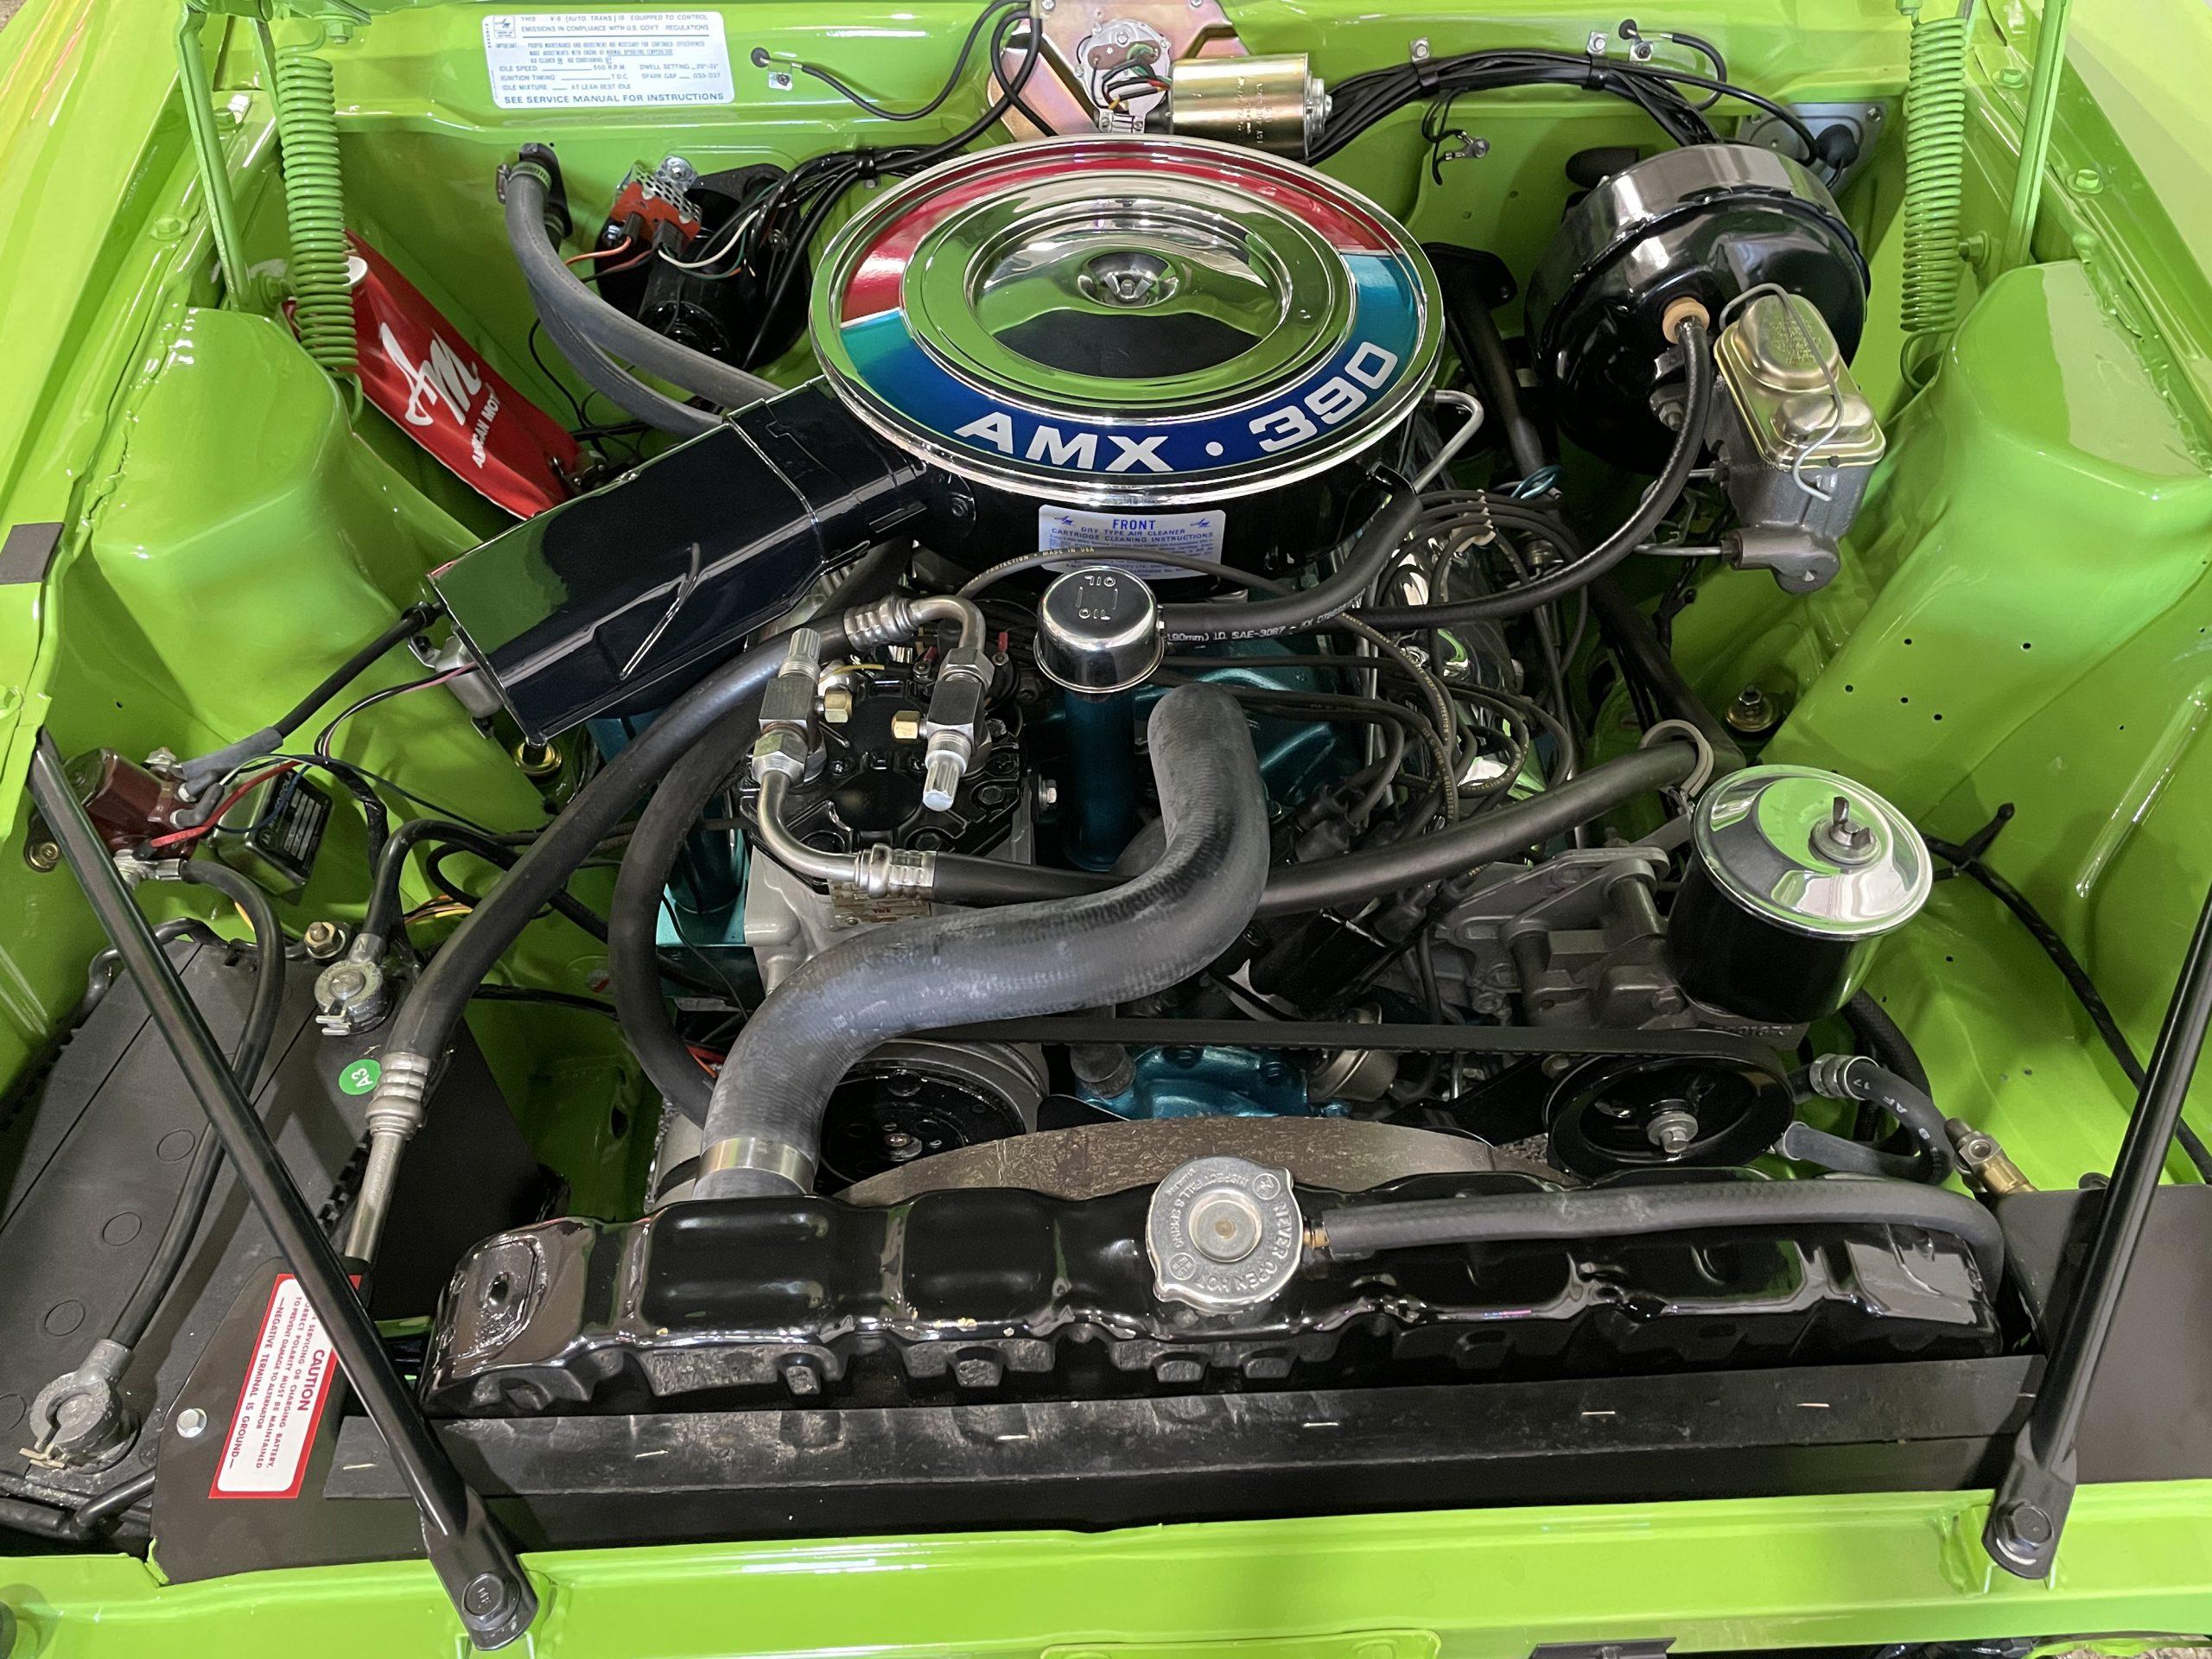 1969-AMC-AMX-California-500-Special engine